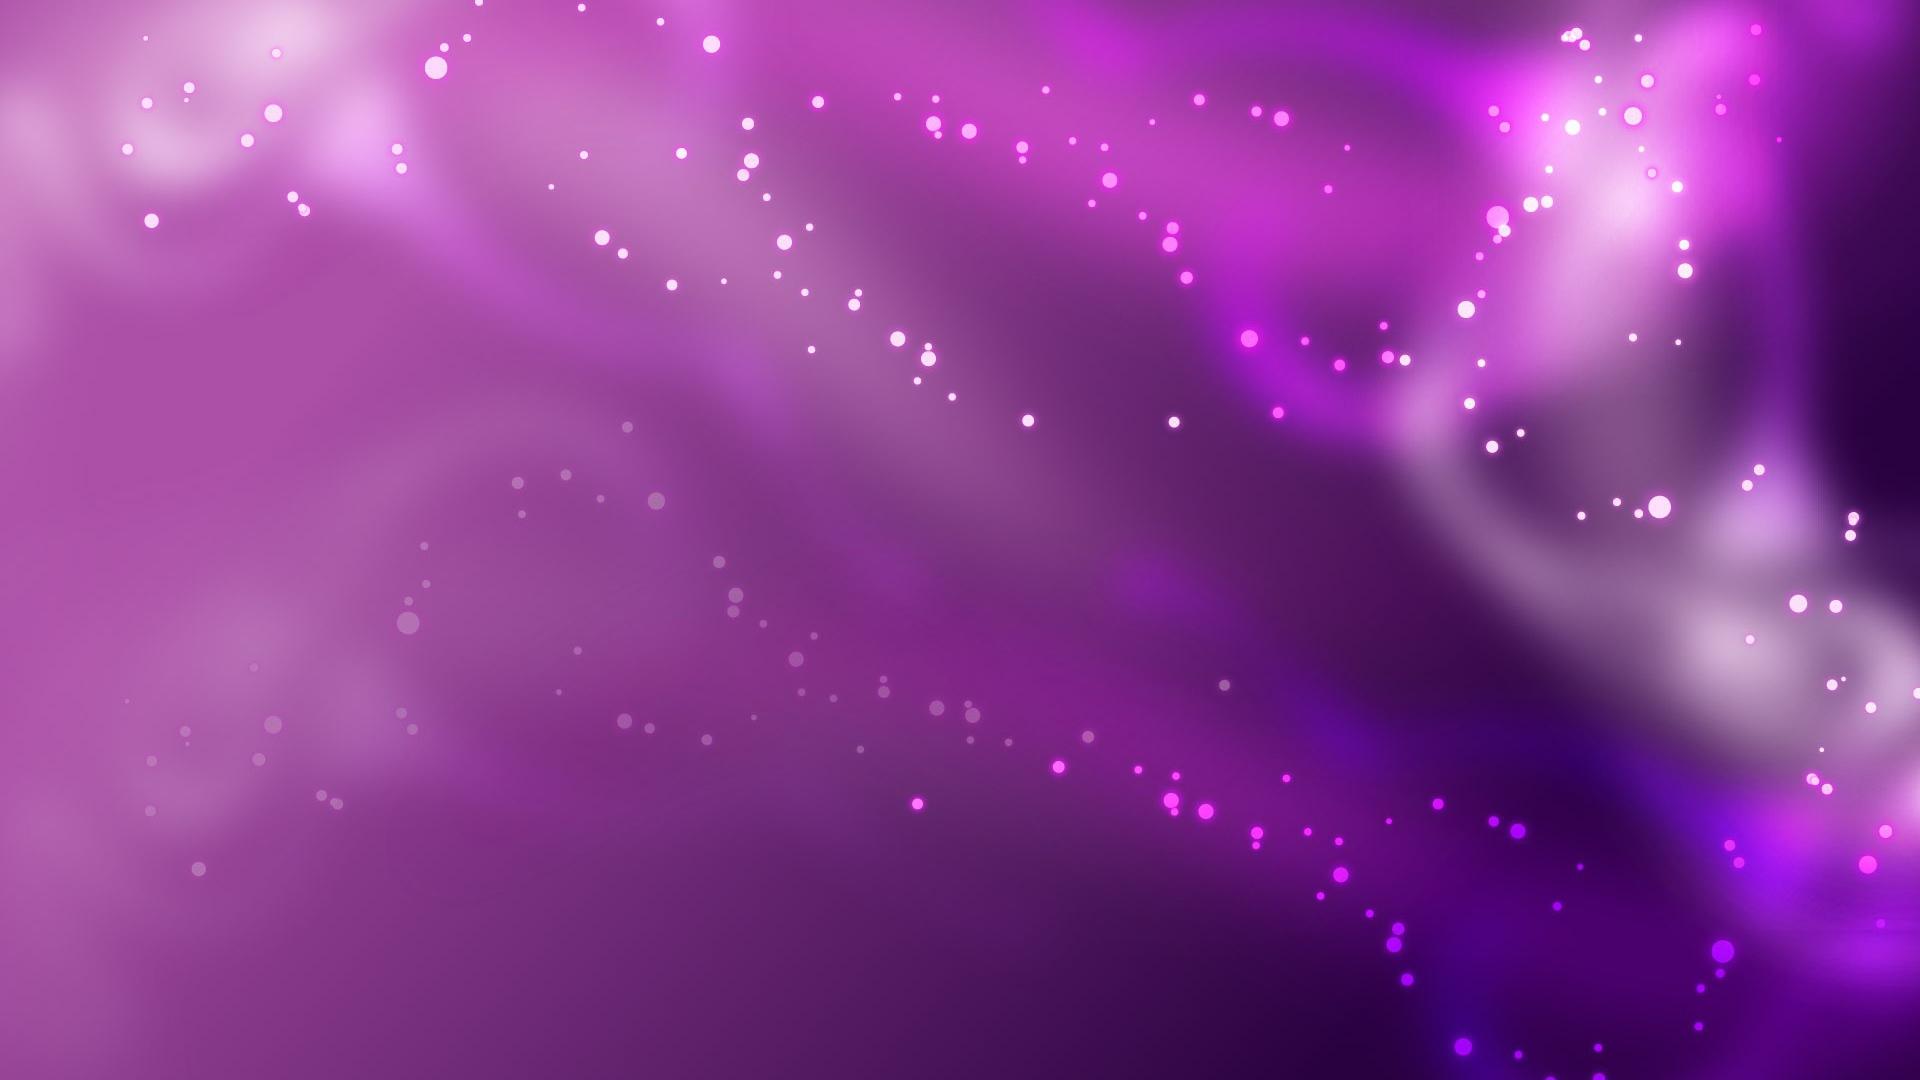 Обои фиолетового цвета фото